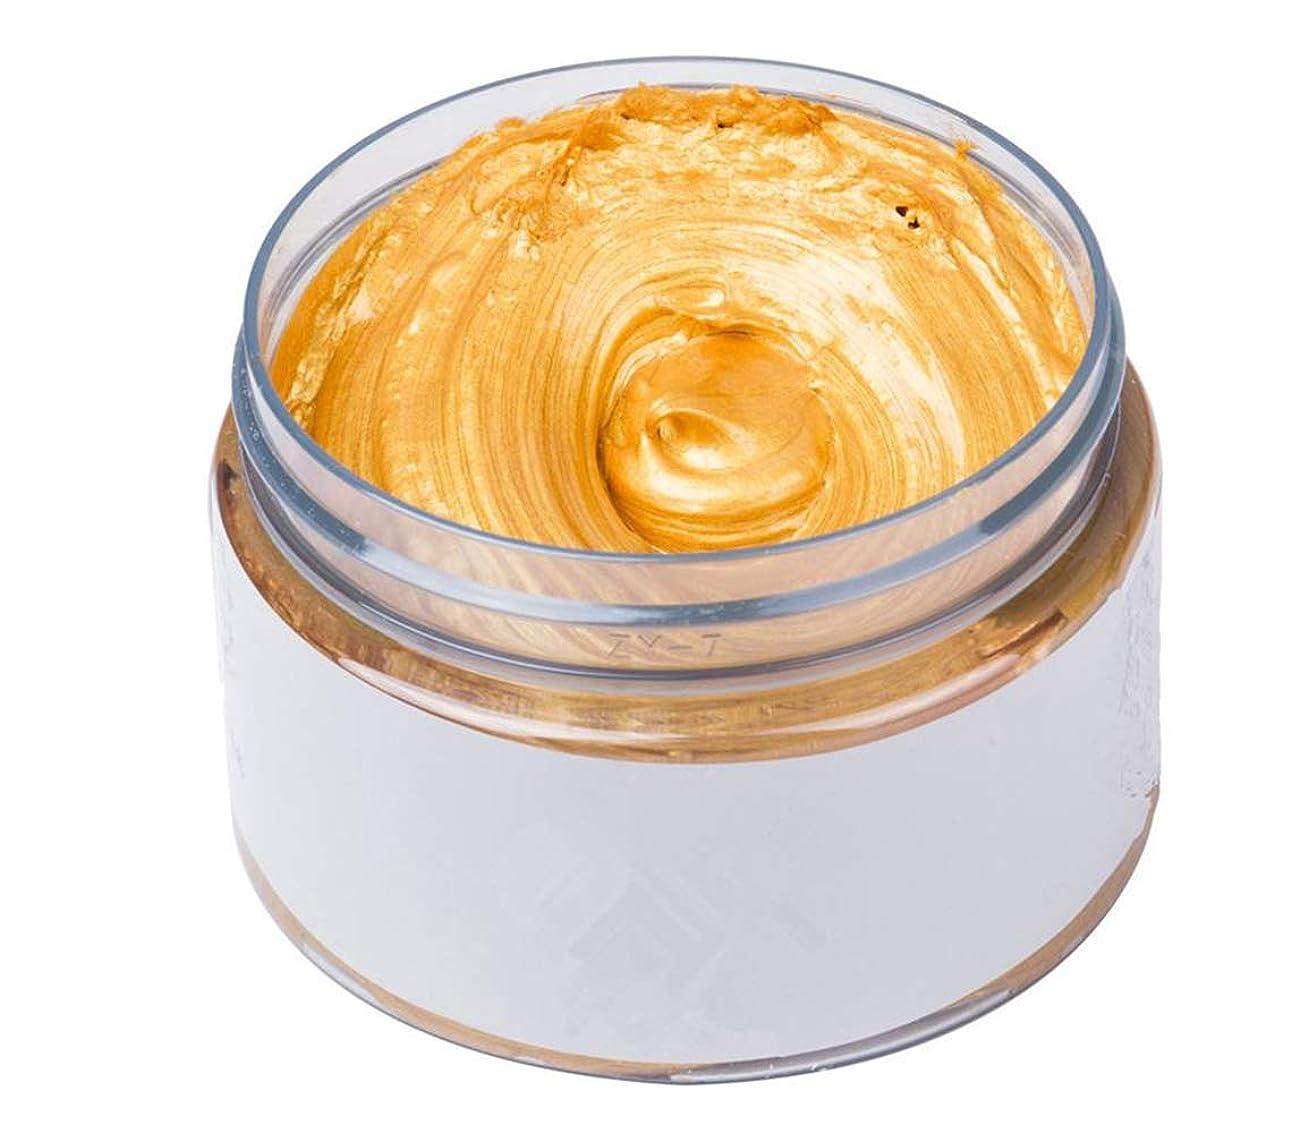 脳メーター下線カルドール ワックス カラーバター ワンタイムヘアカラーの泥 ヘアクリーム 120g カラーリング ヘアトリートメント 全7色 (ゴールド)